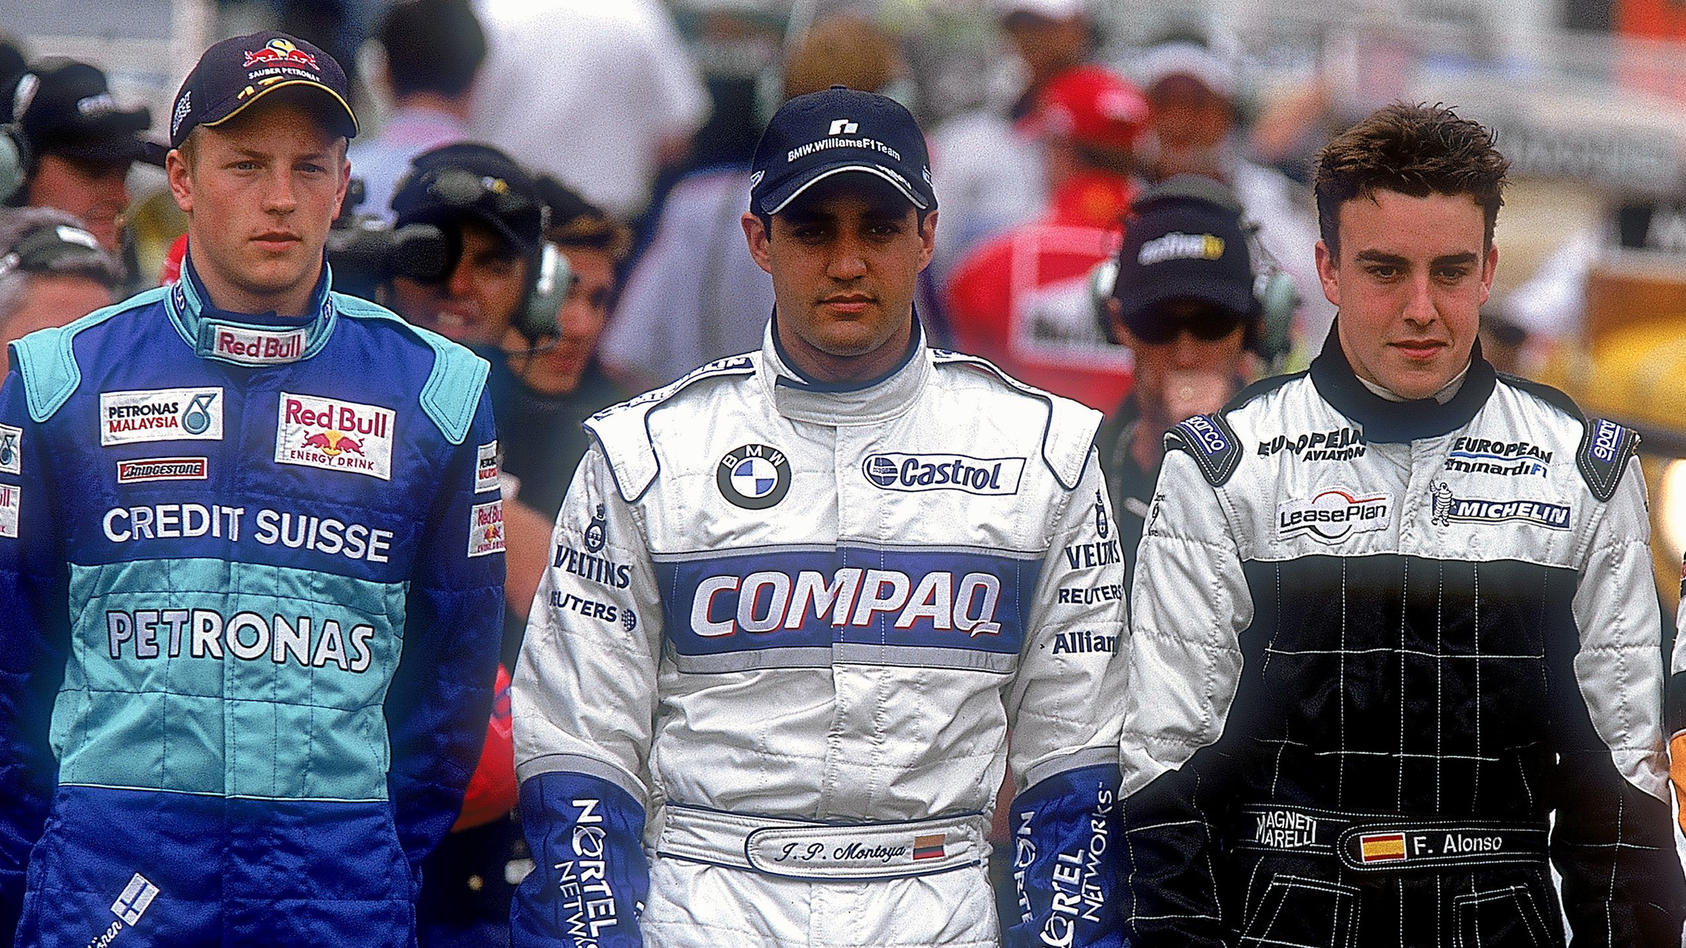 Feierten 2001 ihr Debüt in der Formel 1: Kimi Räikkönen, Juan Pablo Montoya und Fernando Alonso (von links nach rechts)